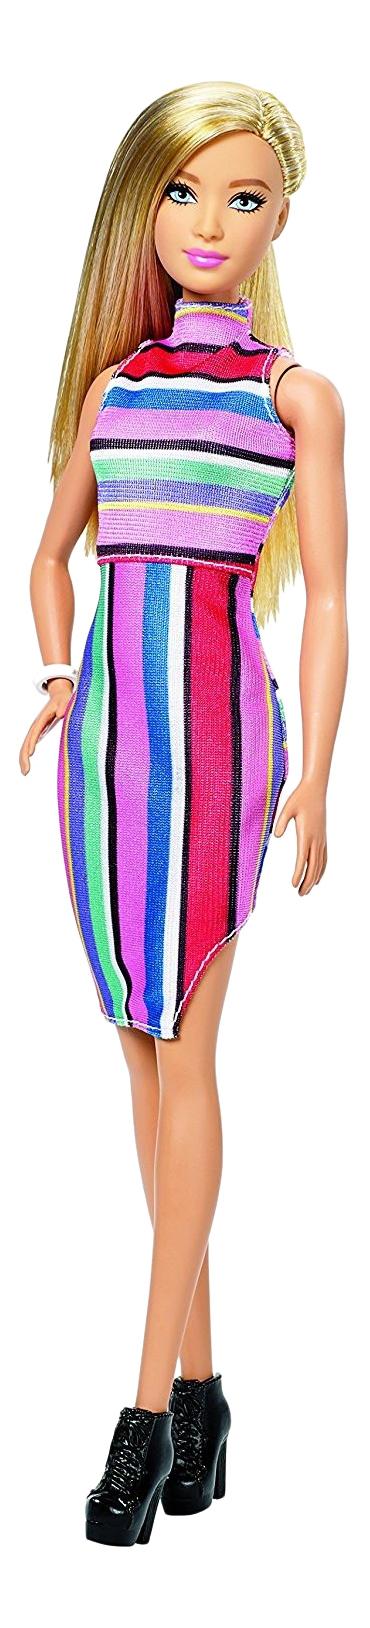 Кукла Barbie Fashionistas в полосатом платье